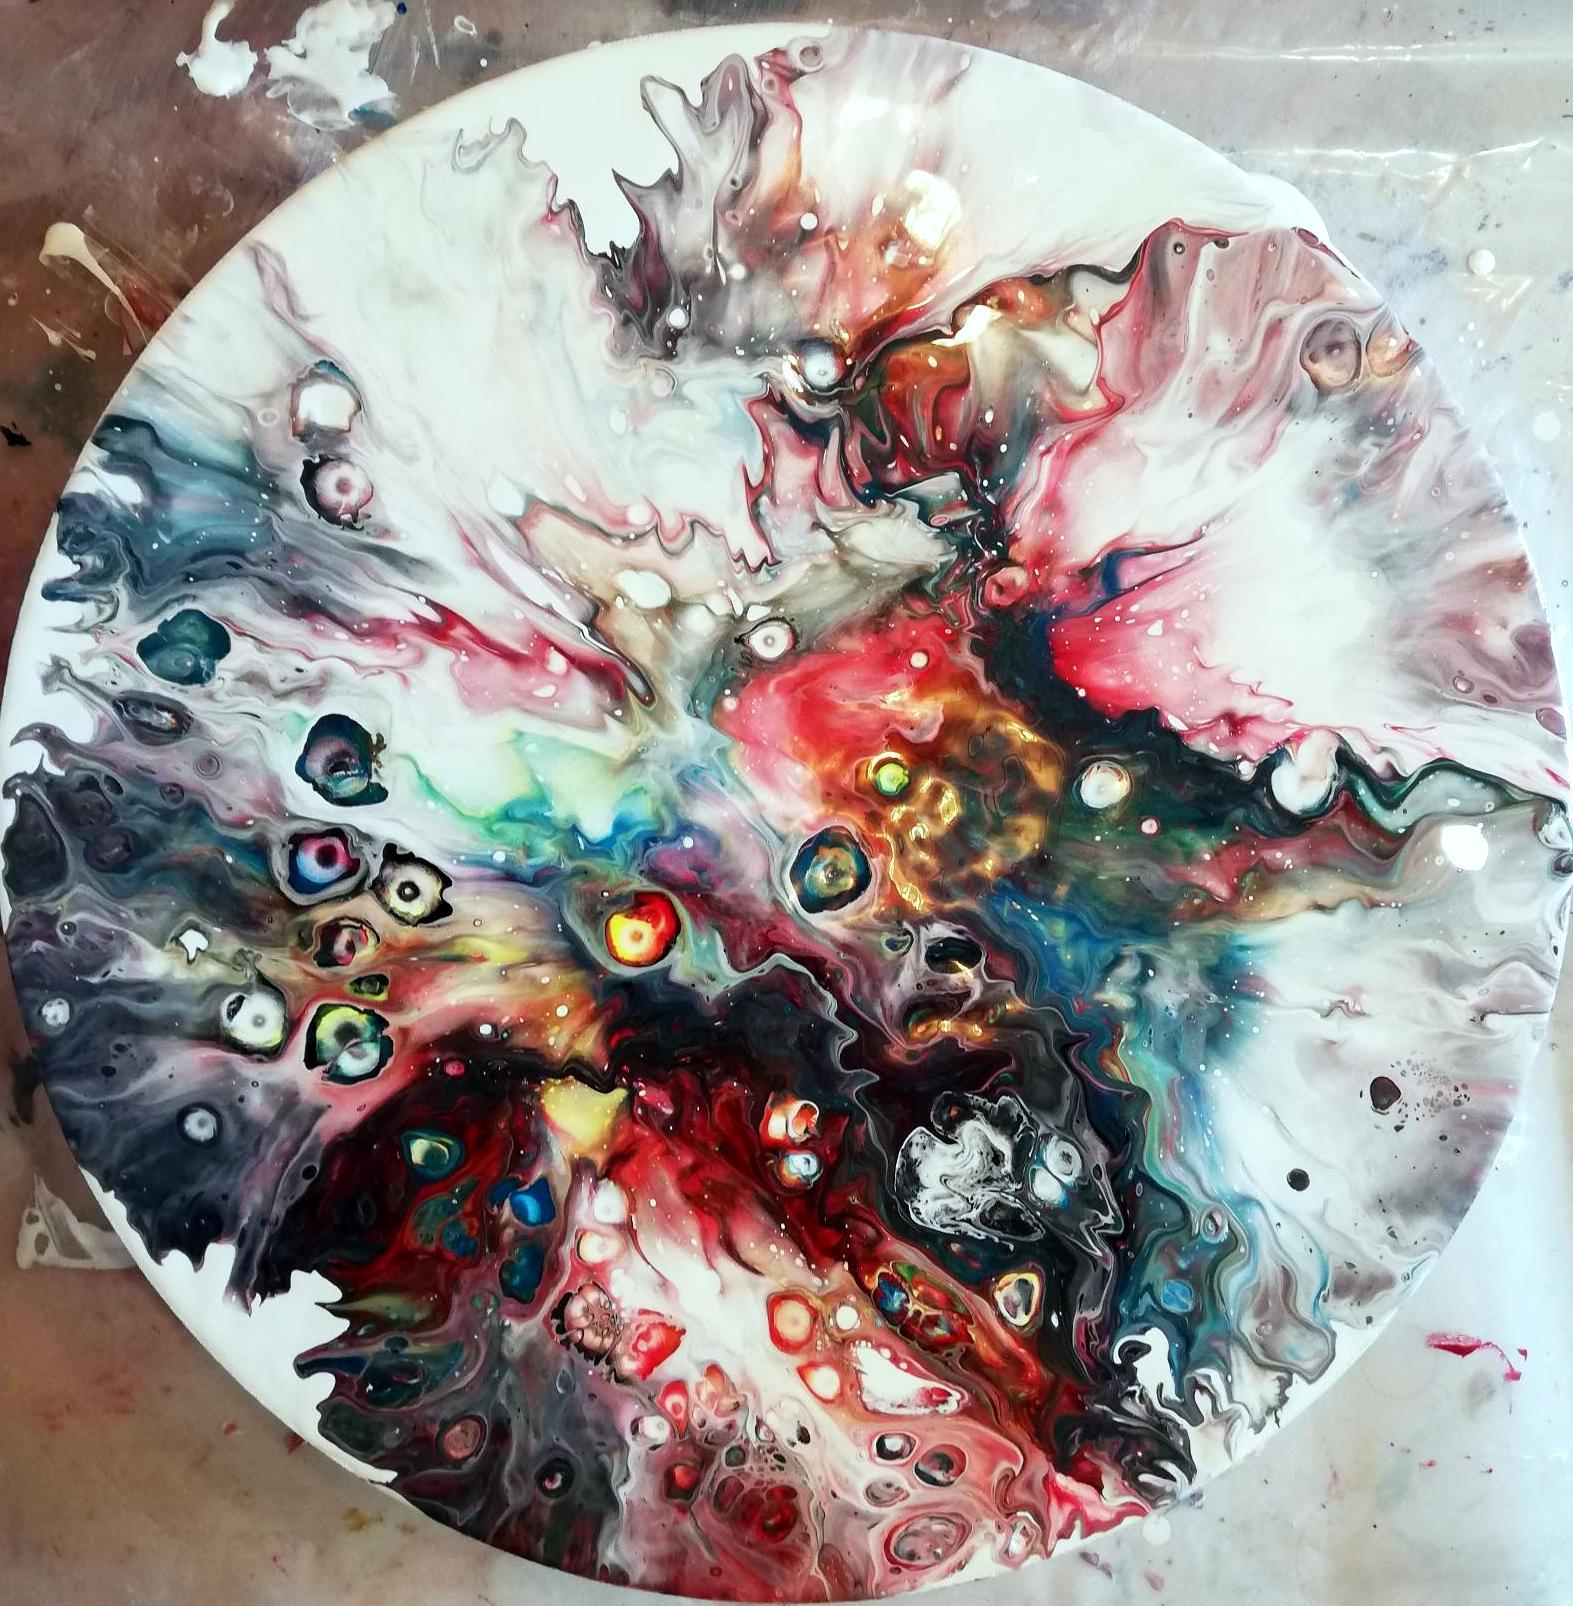 Fluid art